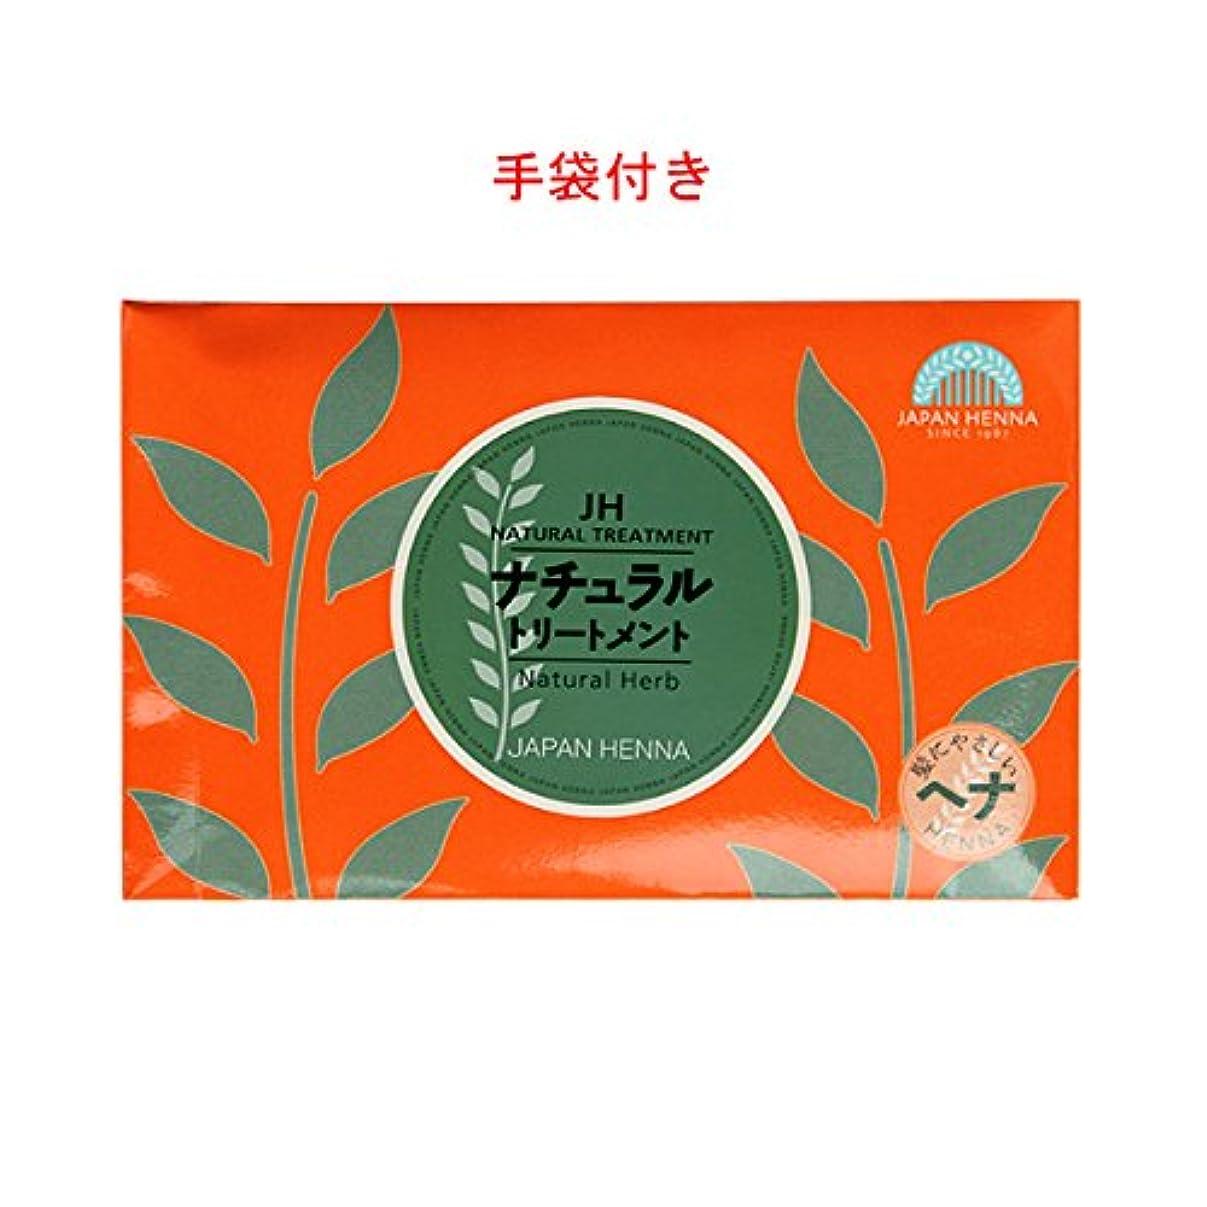 弱い標高乳製品ジャパンヘナ ナチュラル ヘナ(ナチュラルトリートメント)100g箱入+手袋1組 【3個までご注文可】